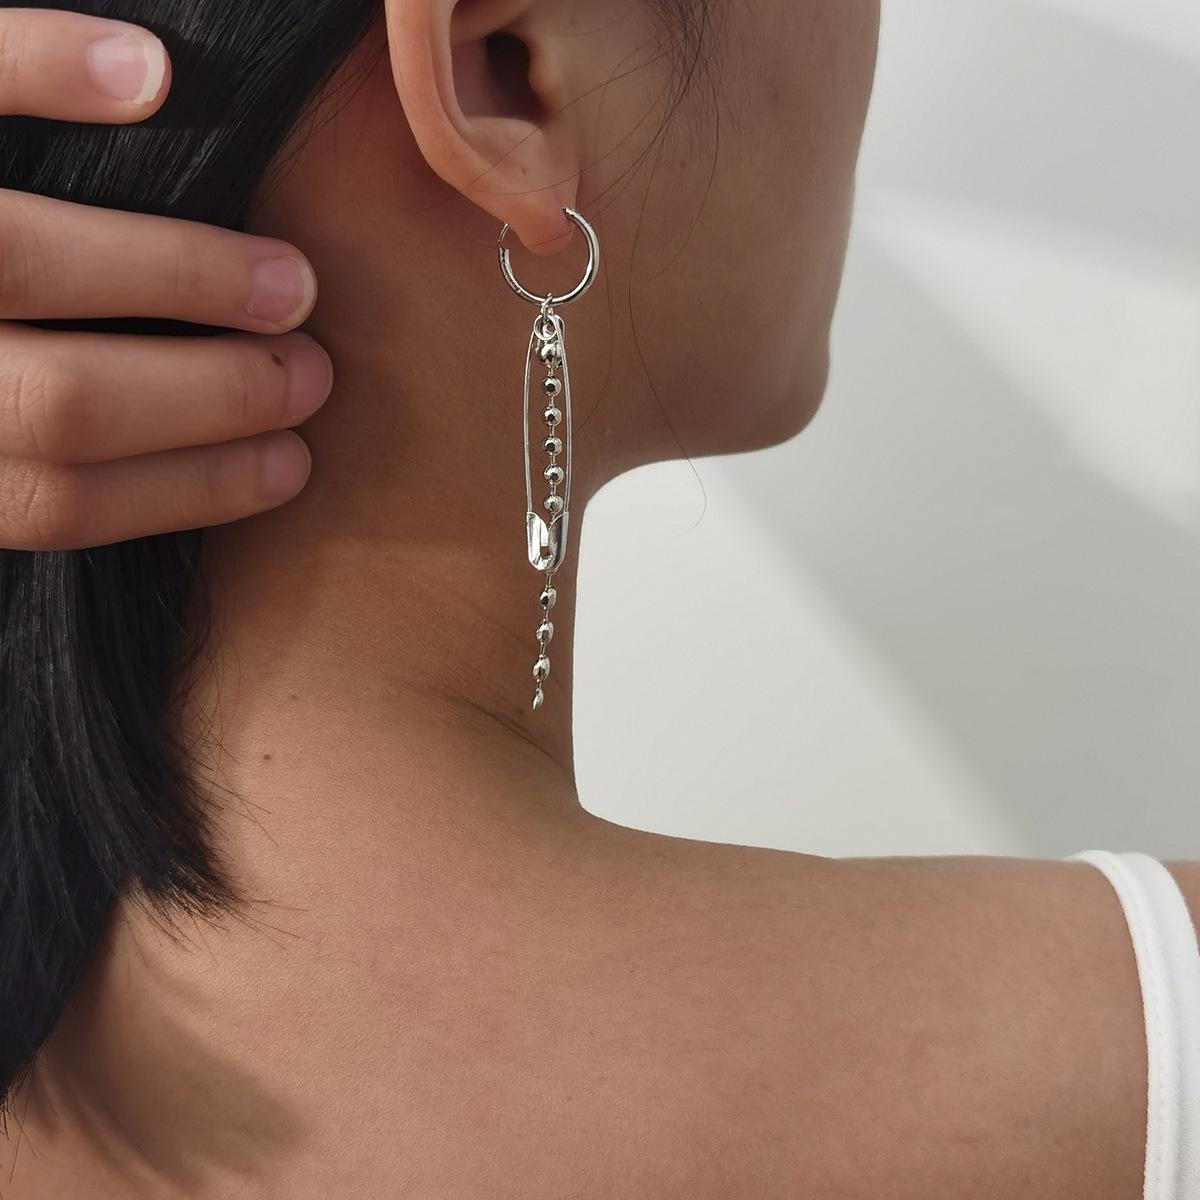 Takı Basit Geometrik Zincir Küpe Net Moda Stil Kağıt Klip Kulak Toka Kadın